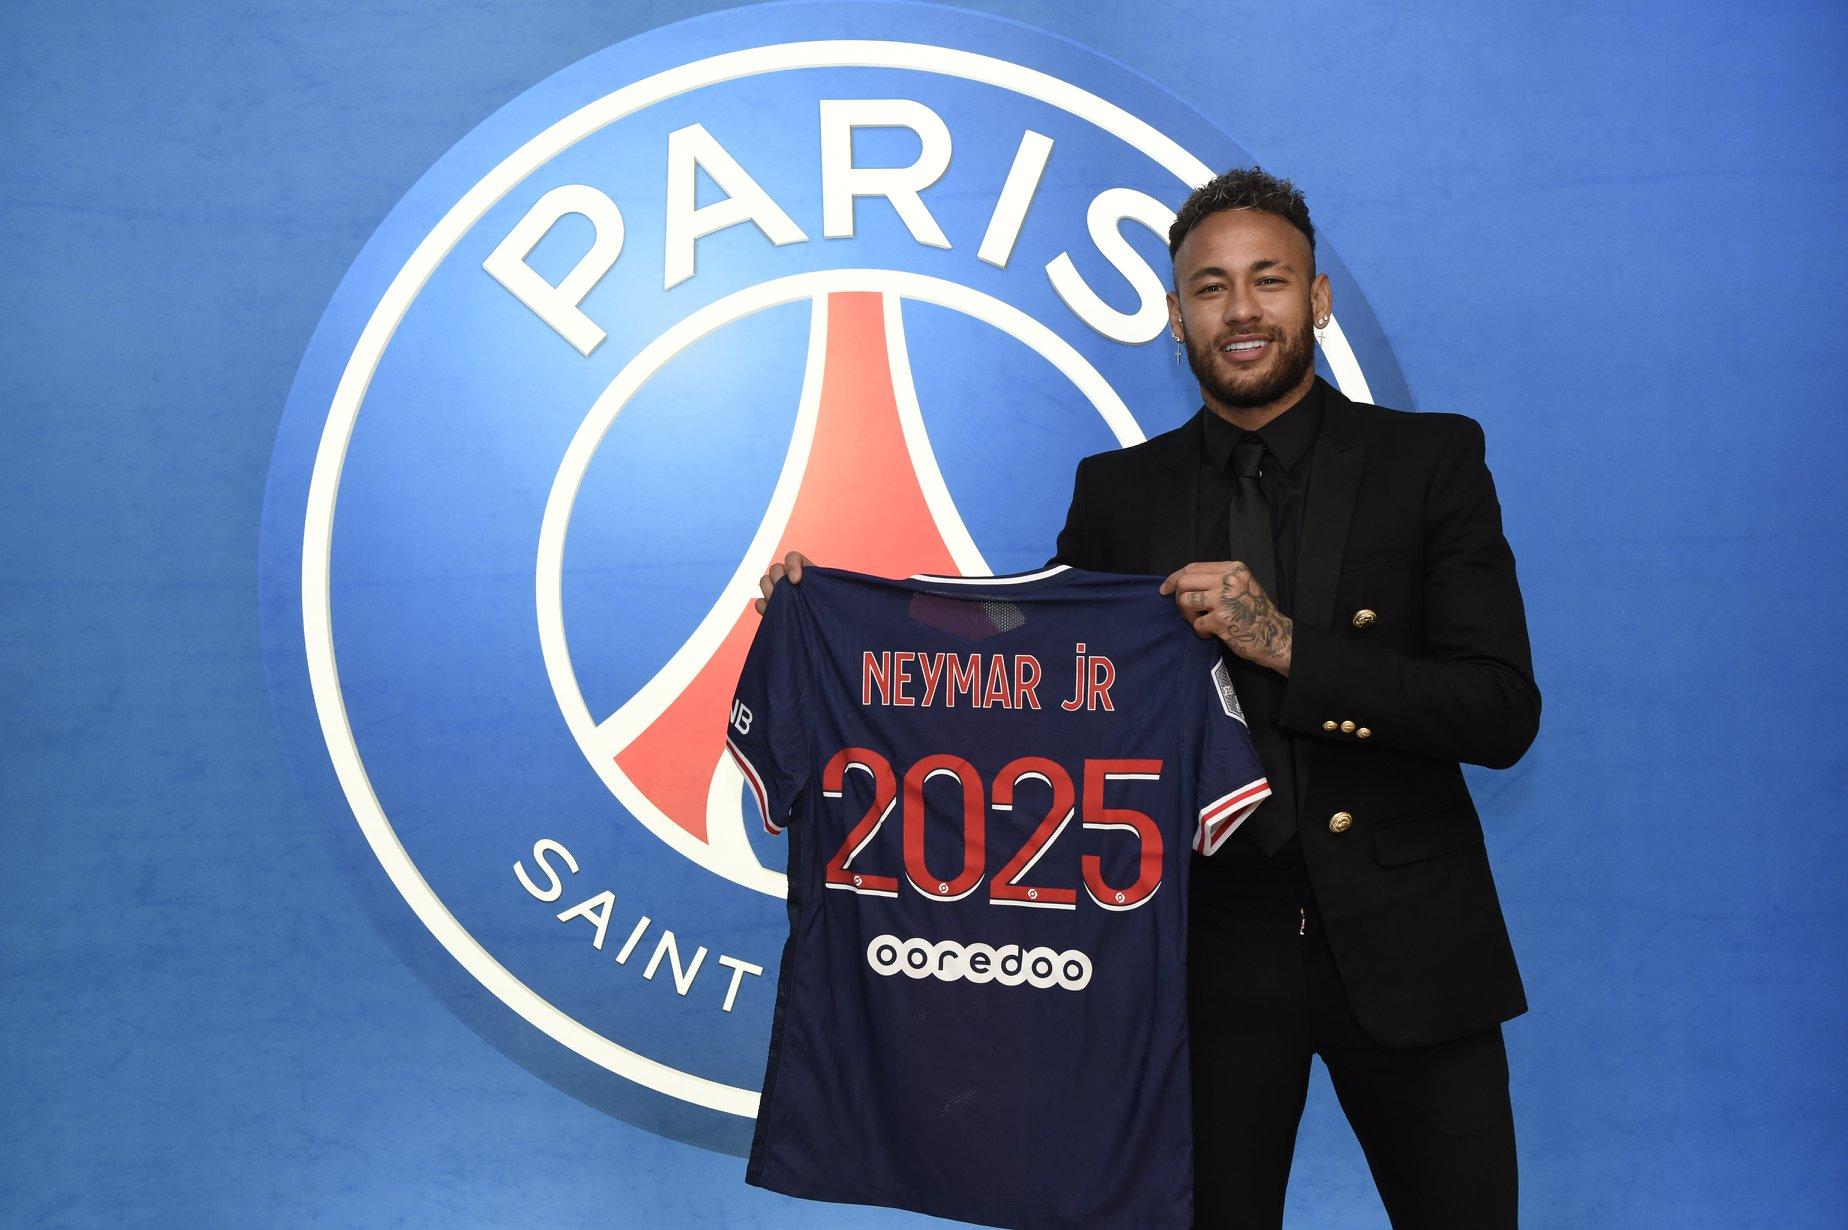 Neymar amplió su contrato con el PSG hasta junio de 2025.